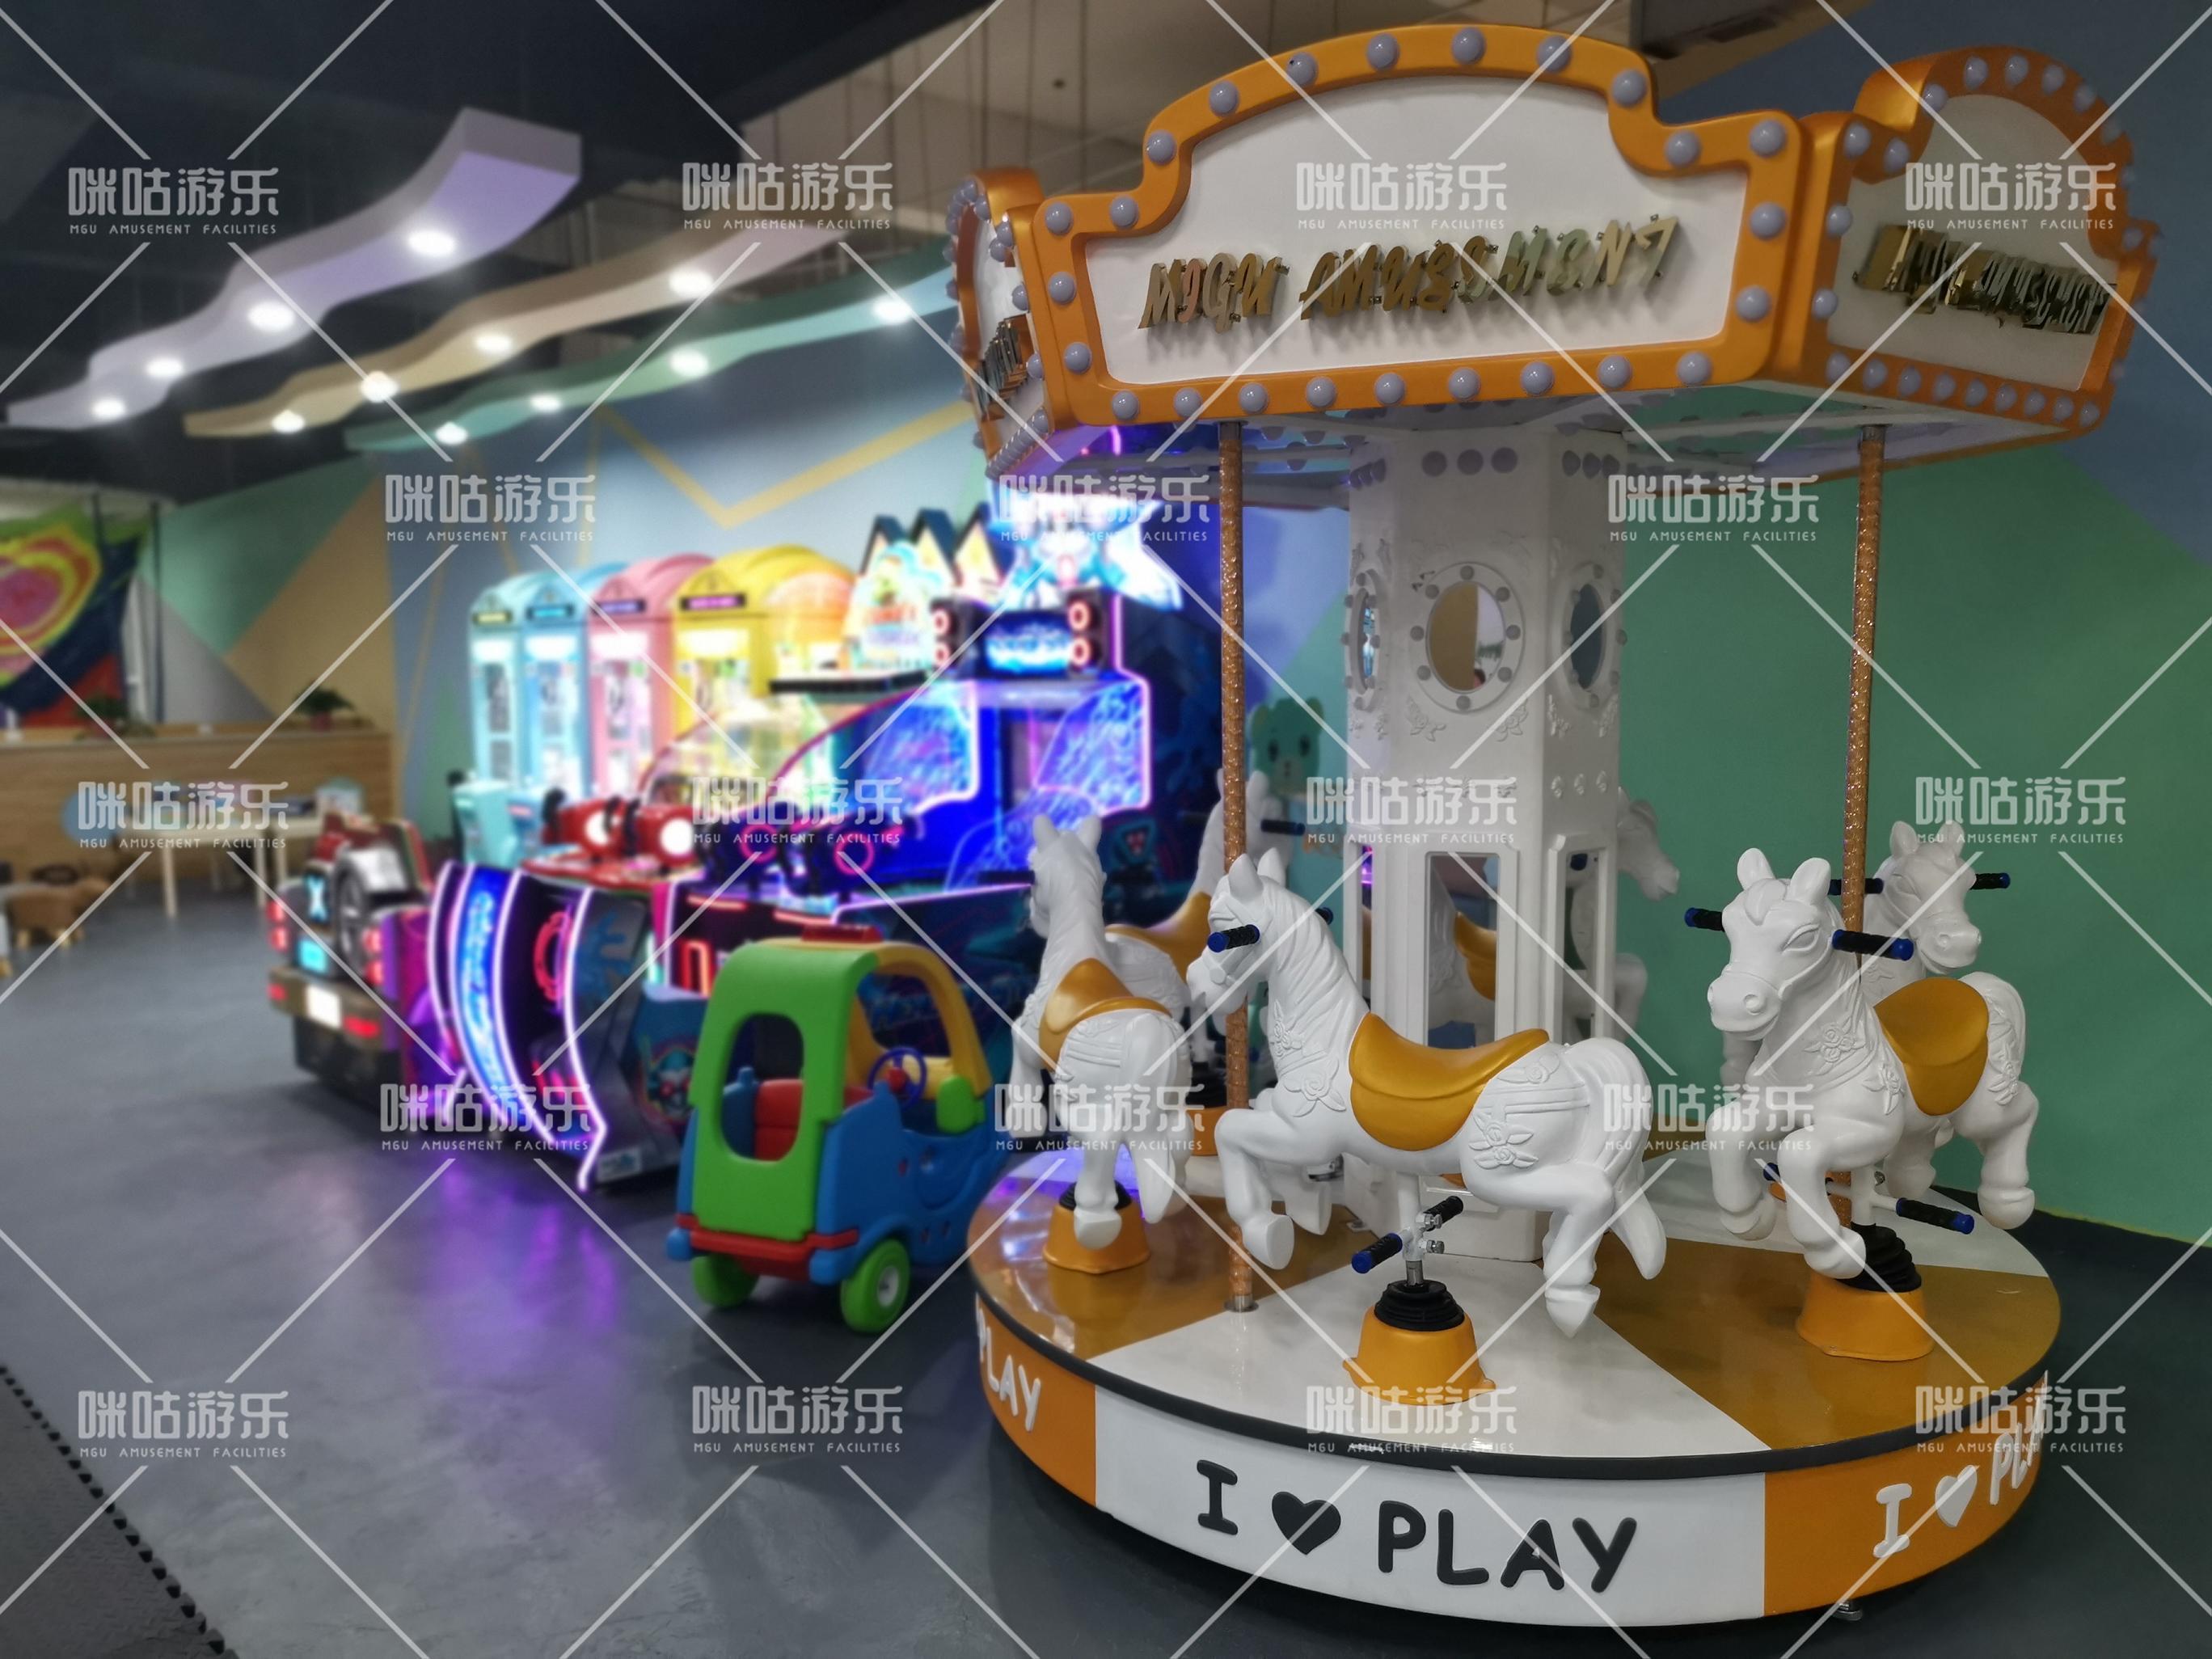 微信图片_20200429155907.jpg 晋城儿童乐园哪个品牌好? 加盟资讯 游乐设备第2张